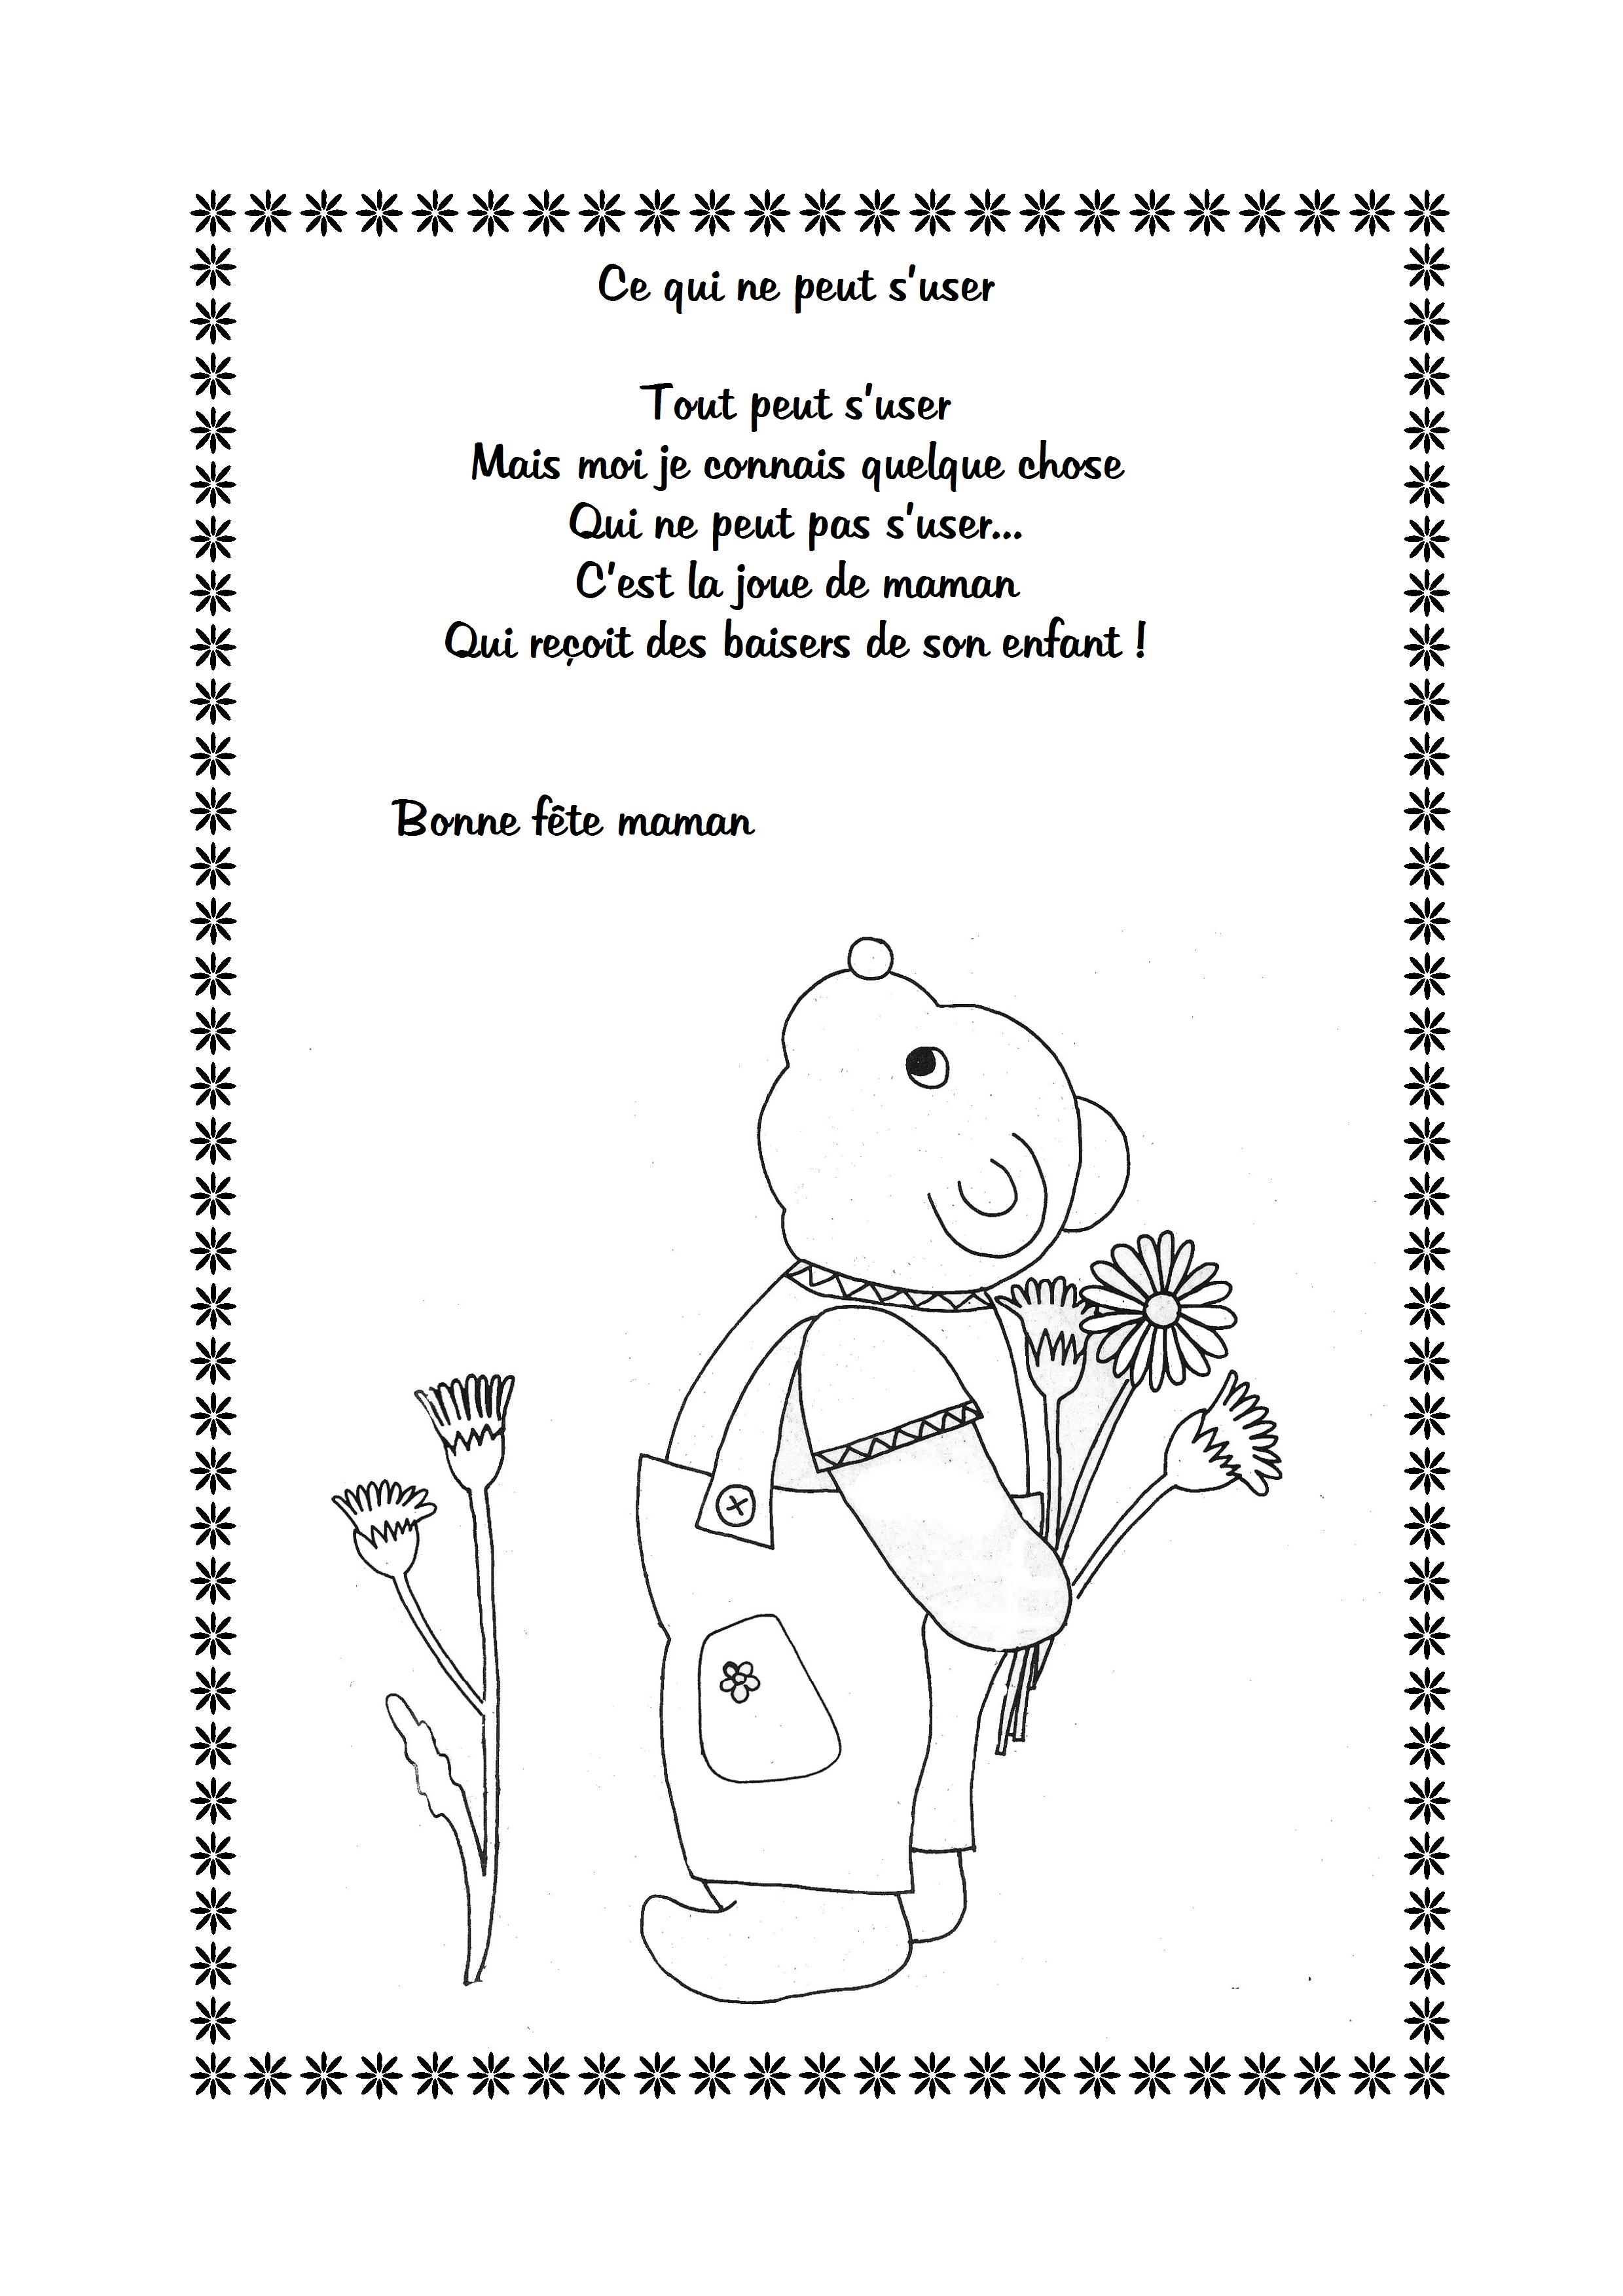 Poesie fete des meres maternelle - Coloriage fleur tps ...